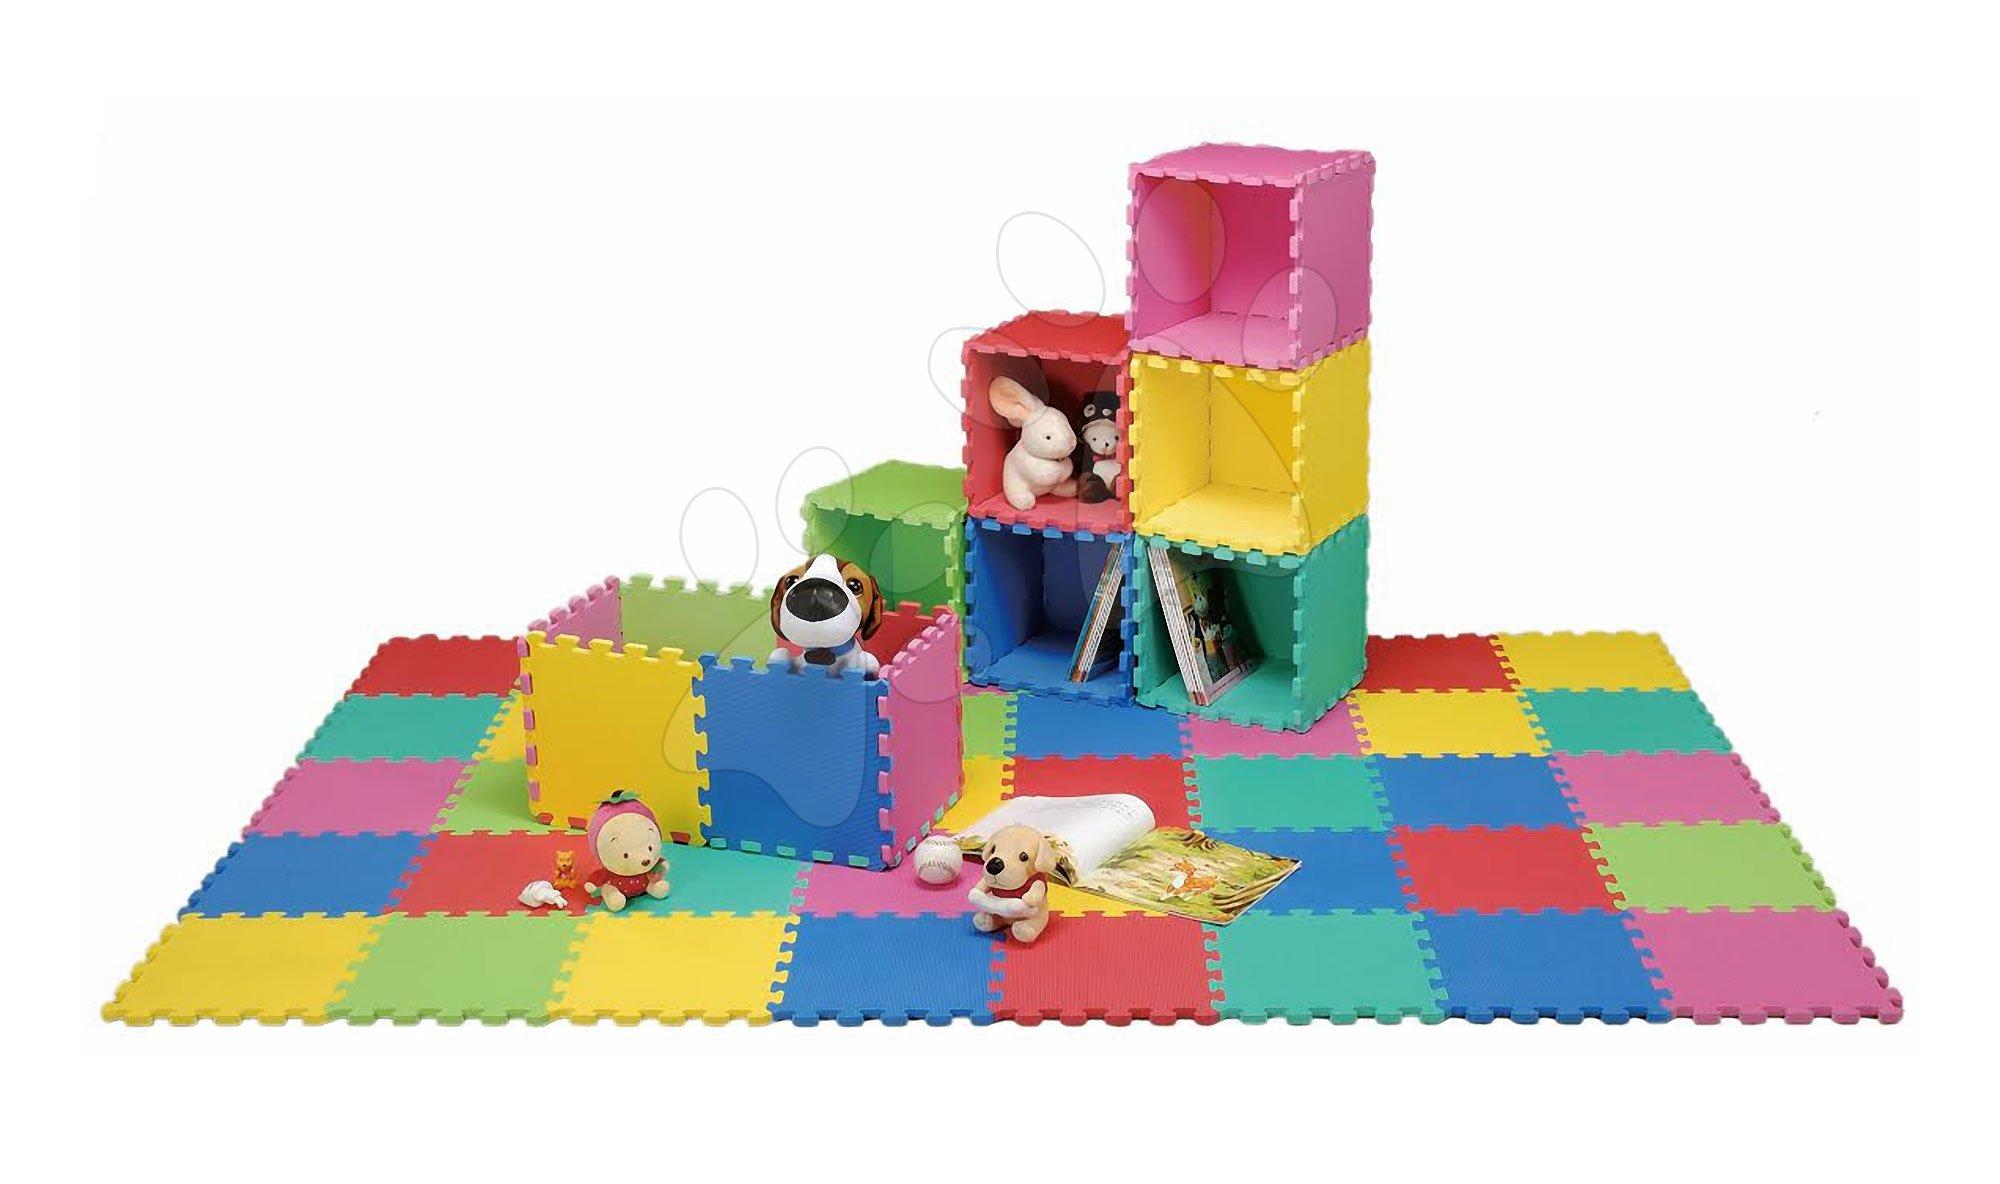 Podlahové puzzle pre bábätká - Penové puzzle Lee podložka pre najmenších 36 dielov 30*30*1,4 cm od 0 mes